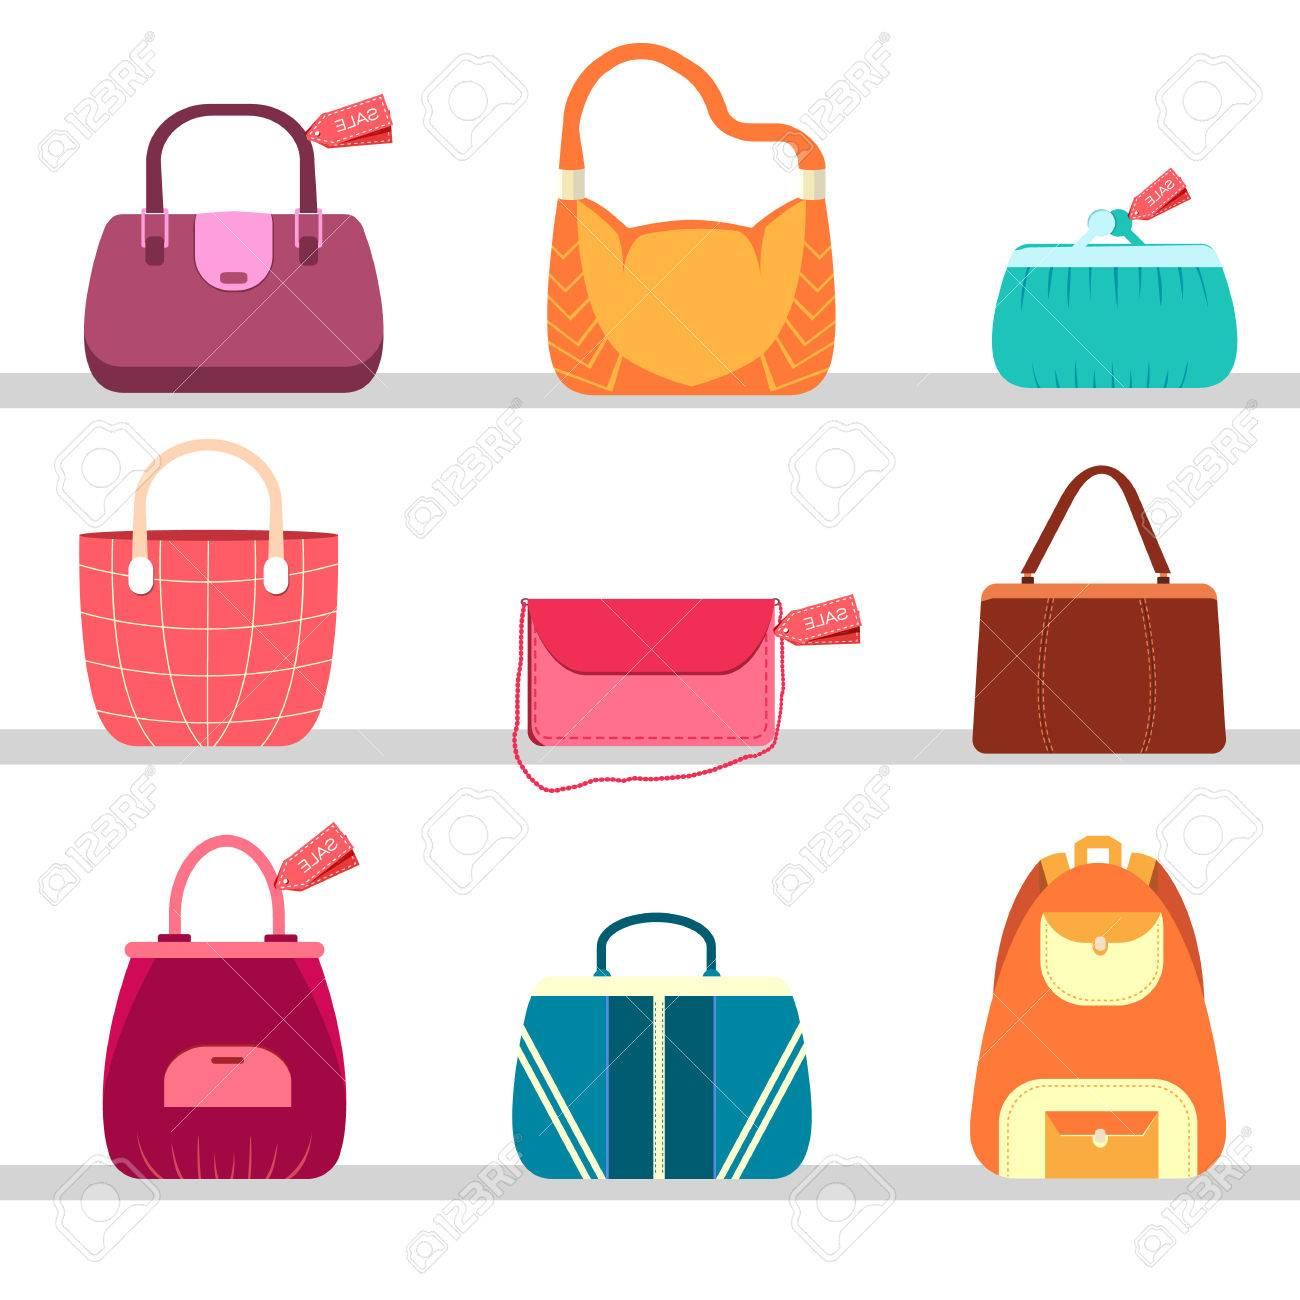 Bolsos De Moda Elegancia Y Bolsas En Los Iconos De Patrón Sin ...